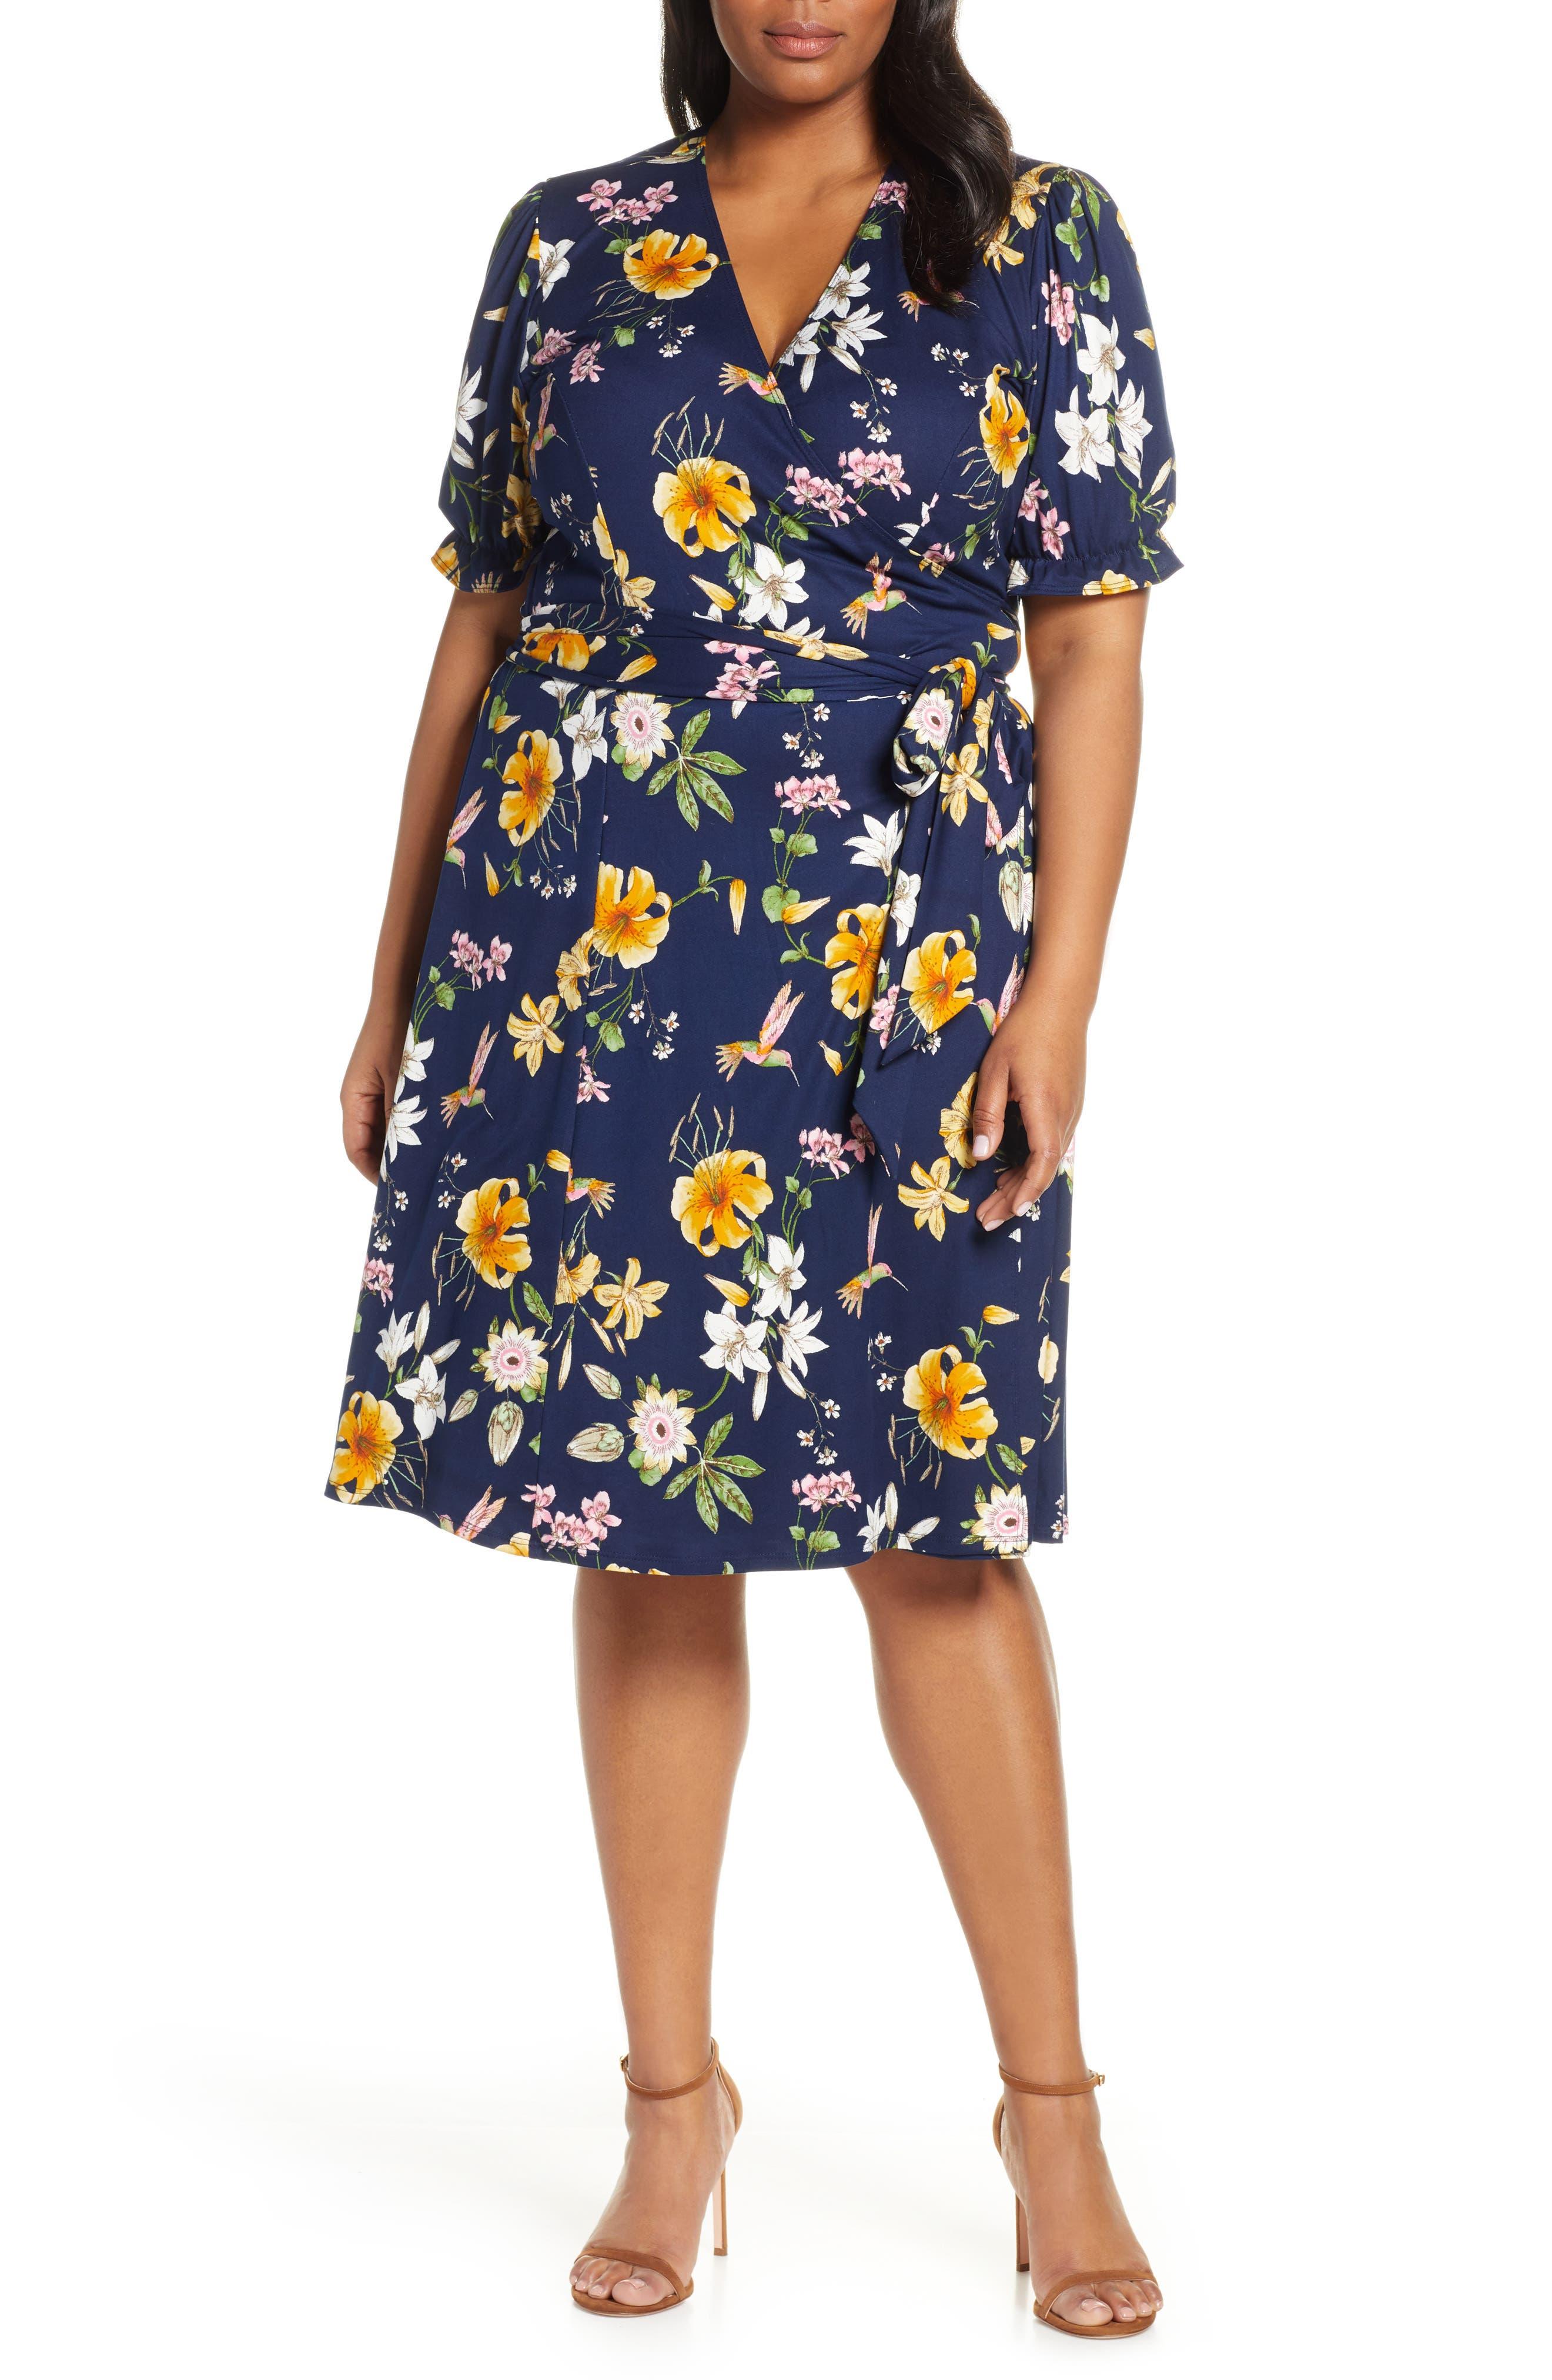 Plus Size Vintage Dresses, Plus Size Retro Dresses Plus Size Womens Kiyonna Tuscan Floral Wrap Dress $108.00 AT vintagedancer.com